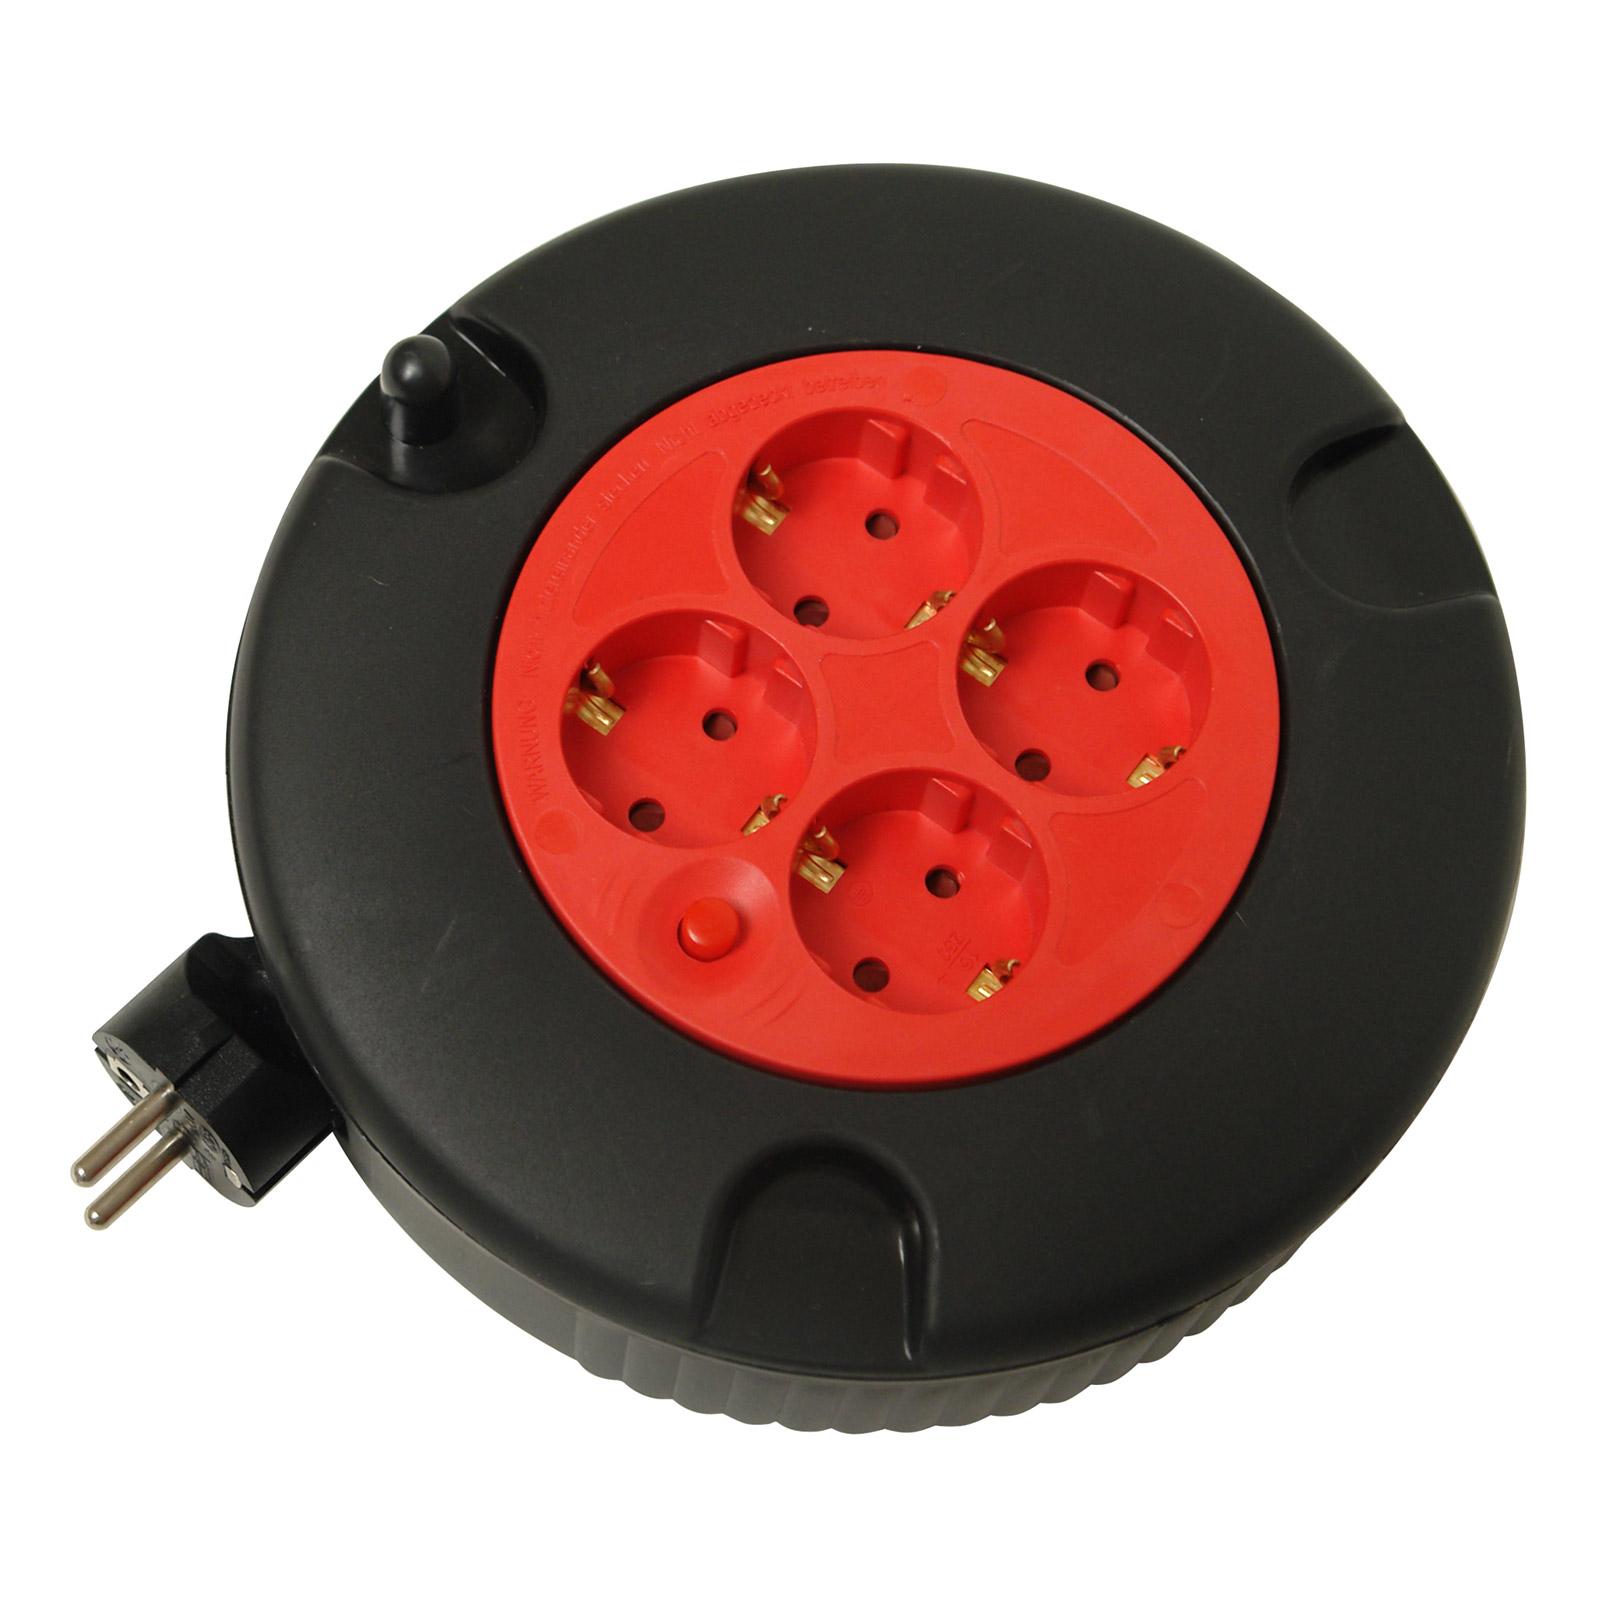 kabeltrommel kabel trommel kabelbox verl ngerungskabel mehrfachstecker 5m 54009 ebay. Black Bedroom Furniture Sets. Home Design Ideas